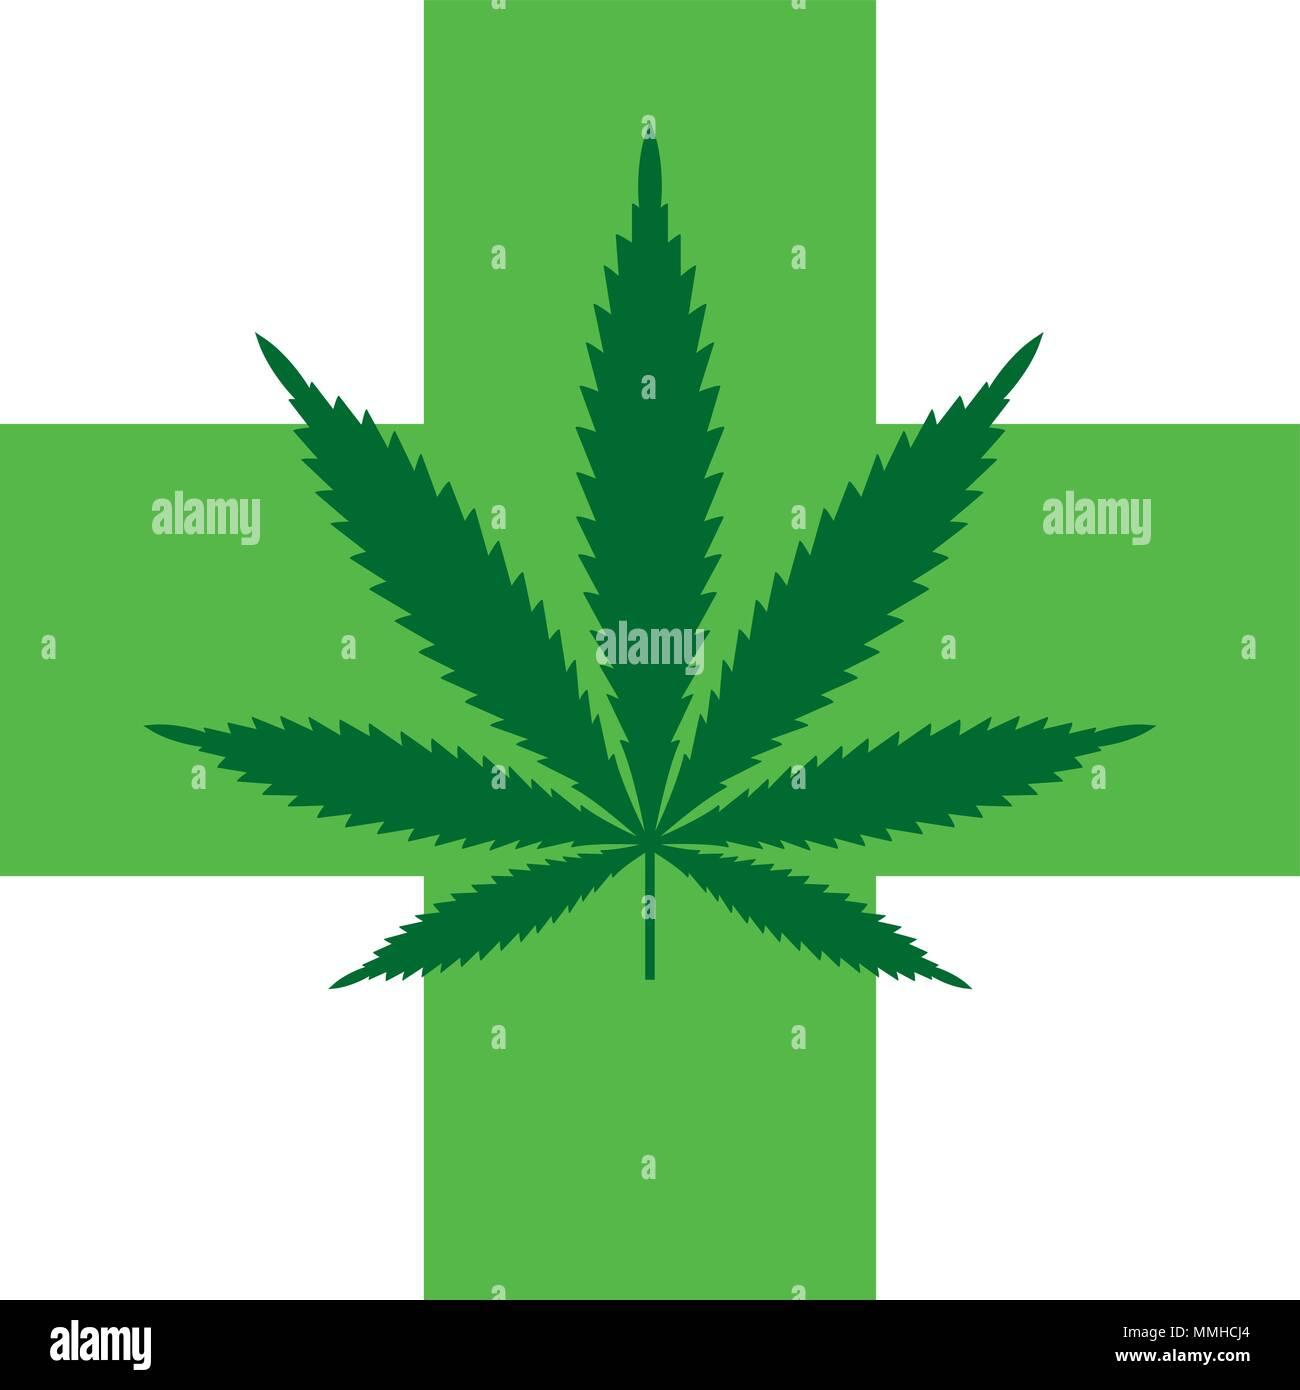 Da das Bundesgesetz Cannabis für illegal hält, fällt es Wissenschaftlern schwer, eine Zulassung für die Erforschung von Cannabis zu erhalten. Die wenigen Studien, die wir bisher durchgeführt haben, legen nahe, dass Marihuana-Konsumenten eine schlechtere Mundgesundheit haben als Menschen, die sie nicht konsumieren.